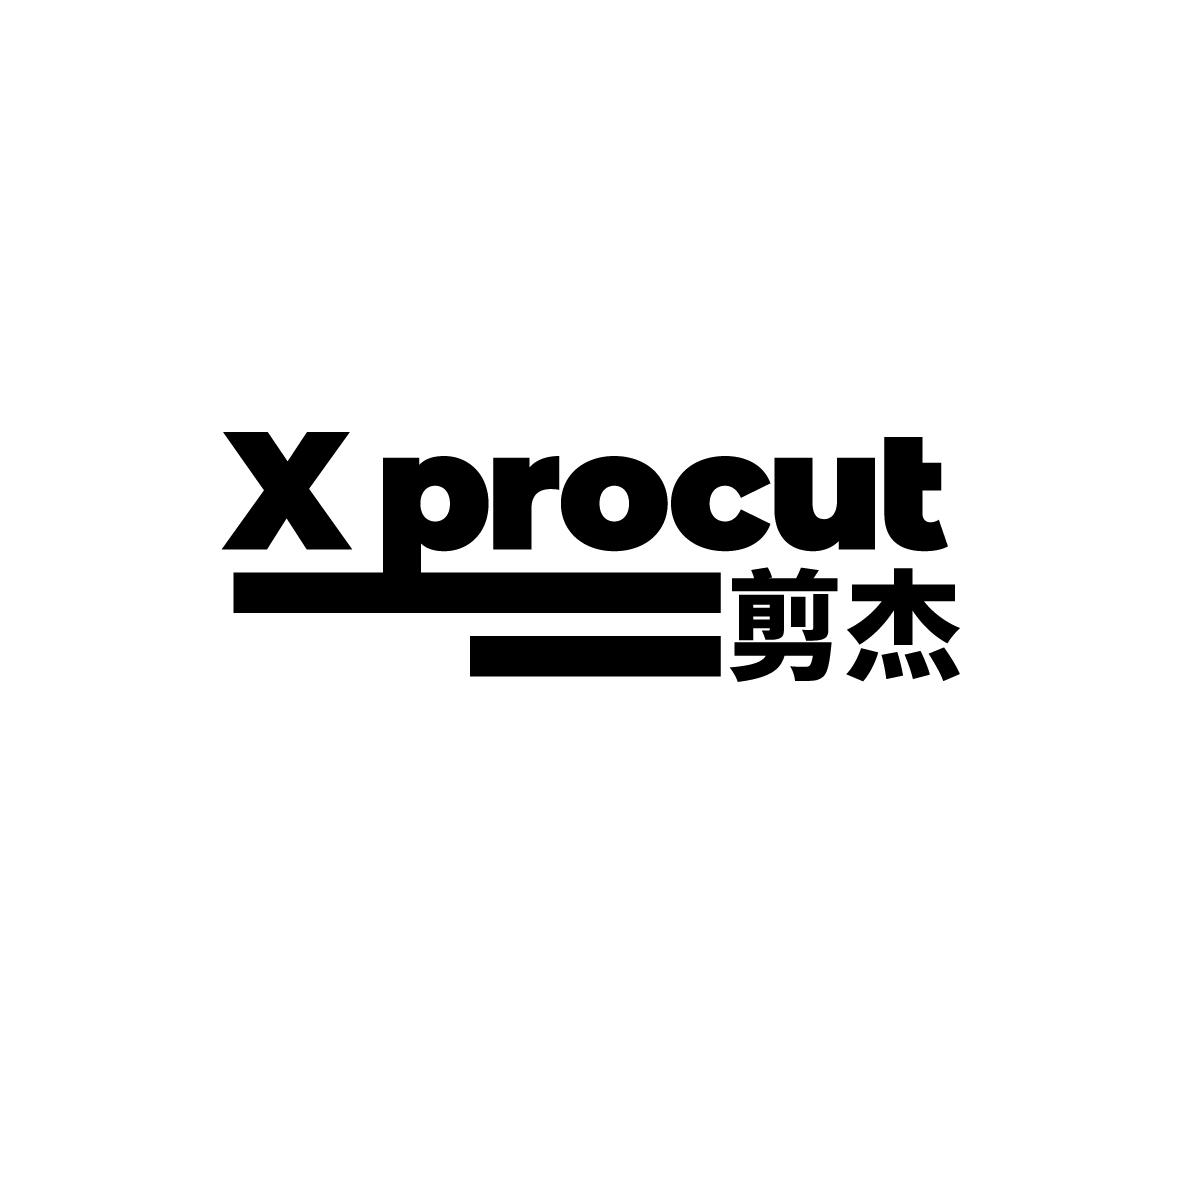 剪杰X PROCUT